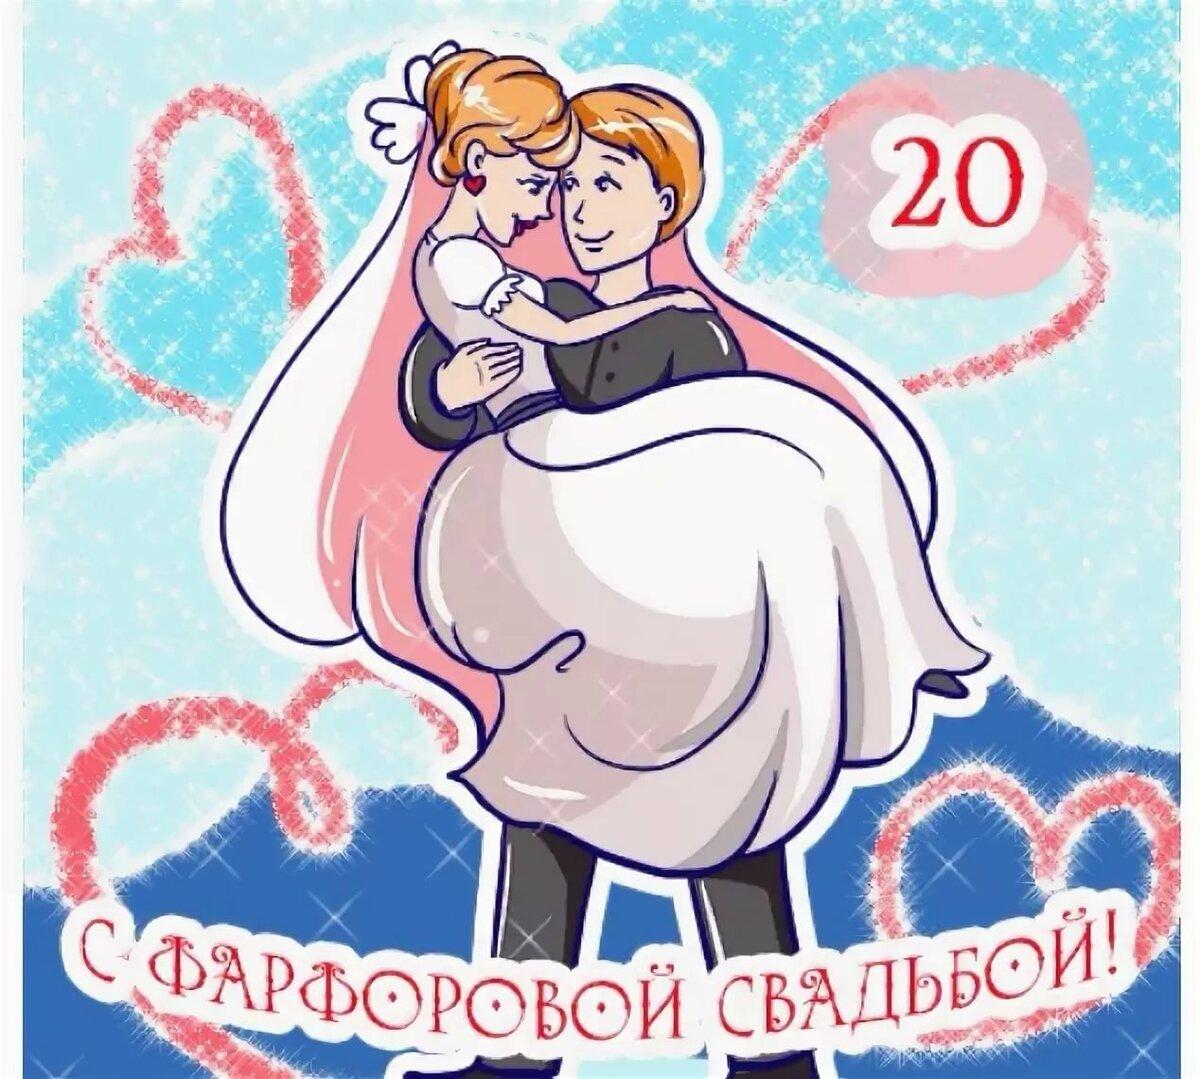 Поздравления с фарфоровой свадьбой 20 открытки, быстрые рисунки